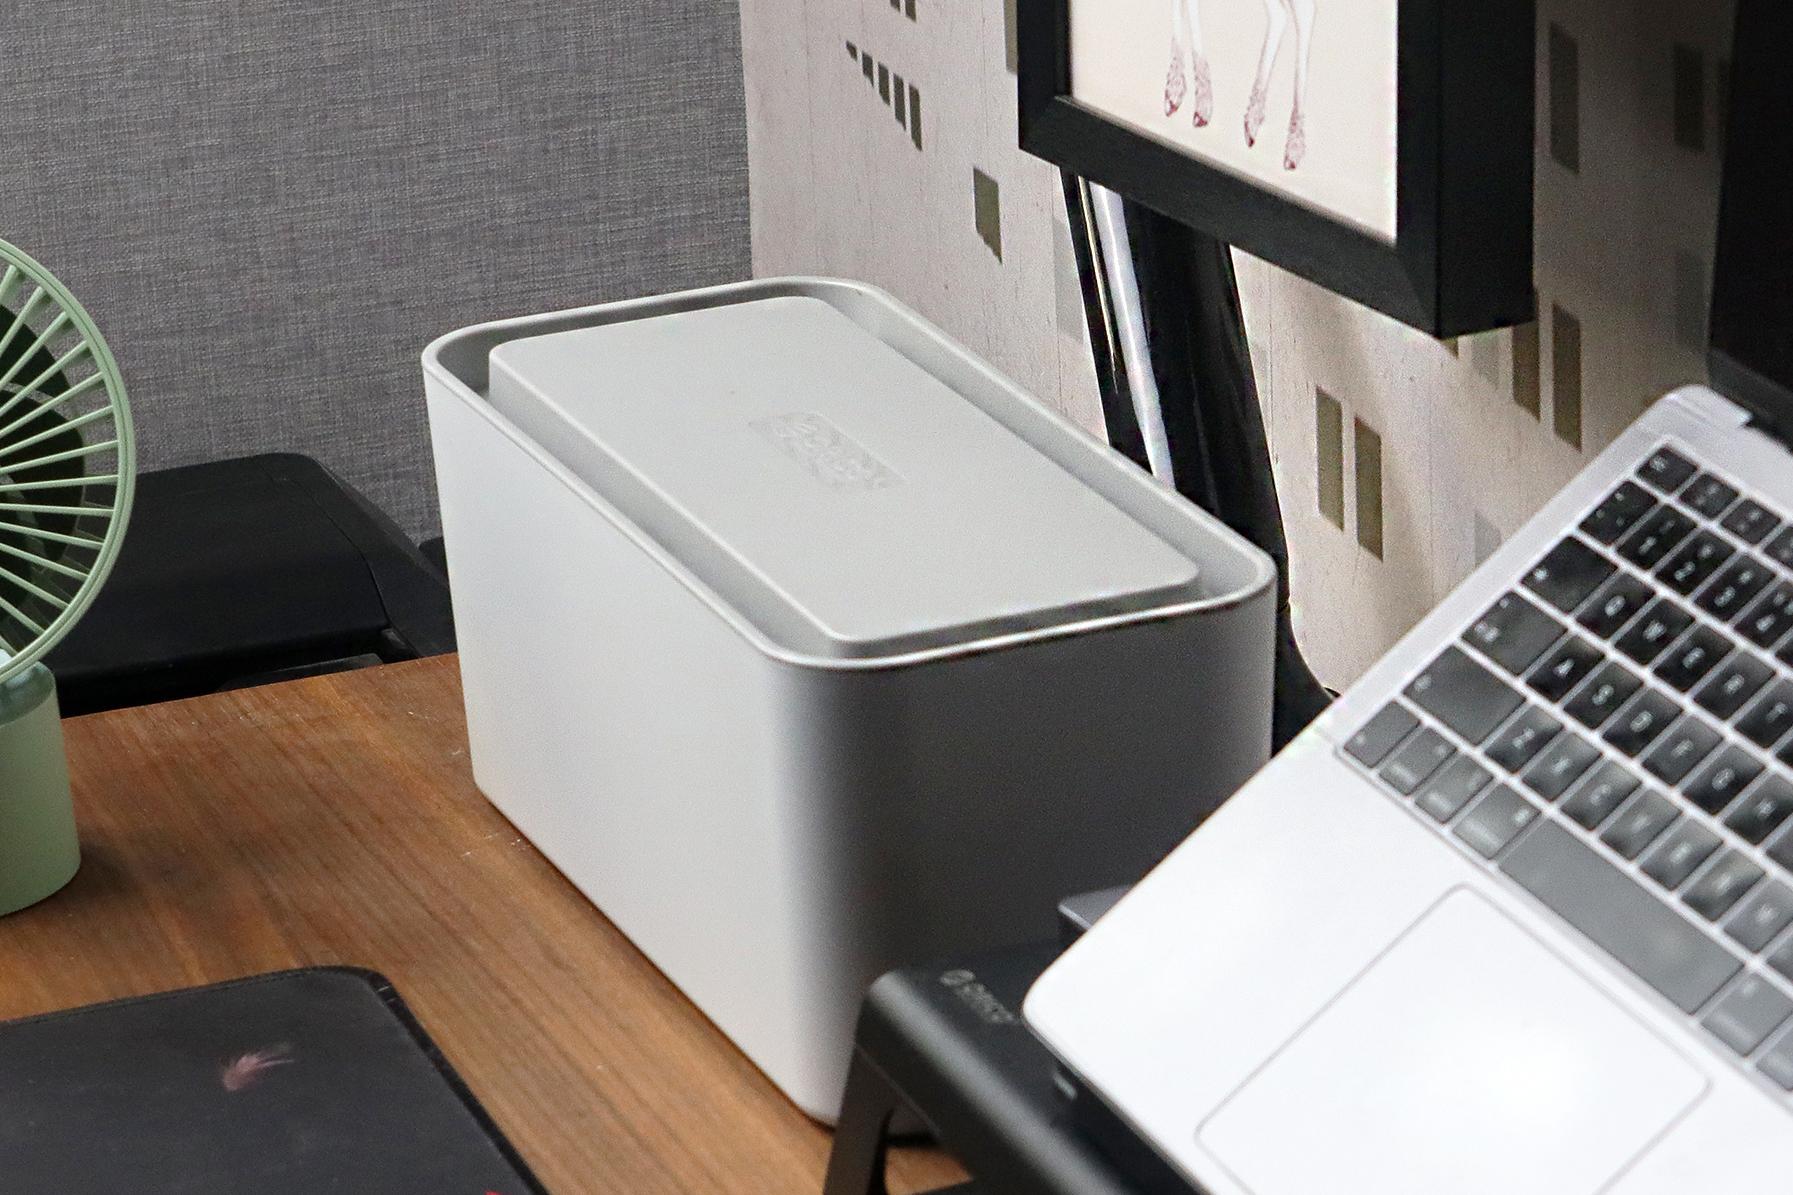 还你简洁桌面:奥睿科一体式收纳盒排插体验